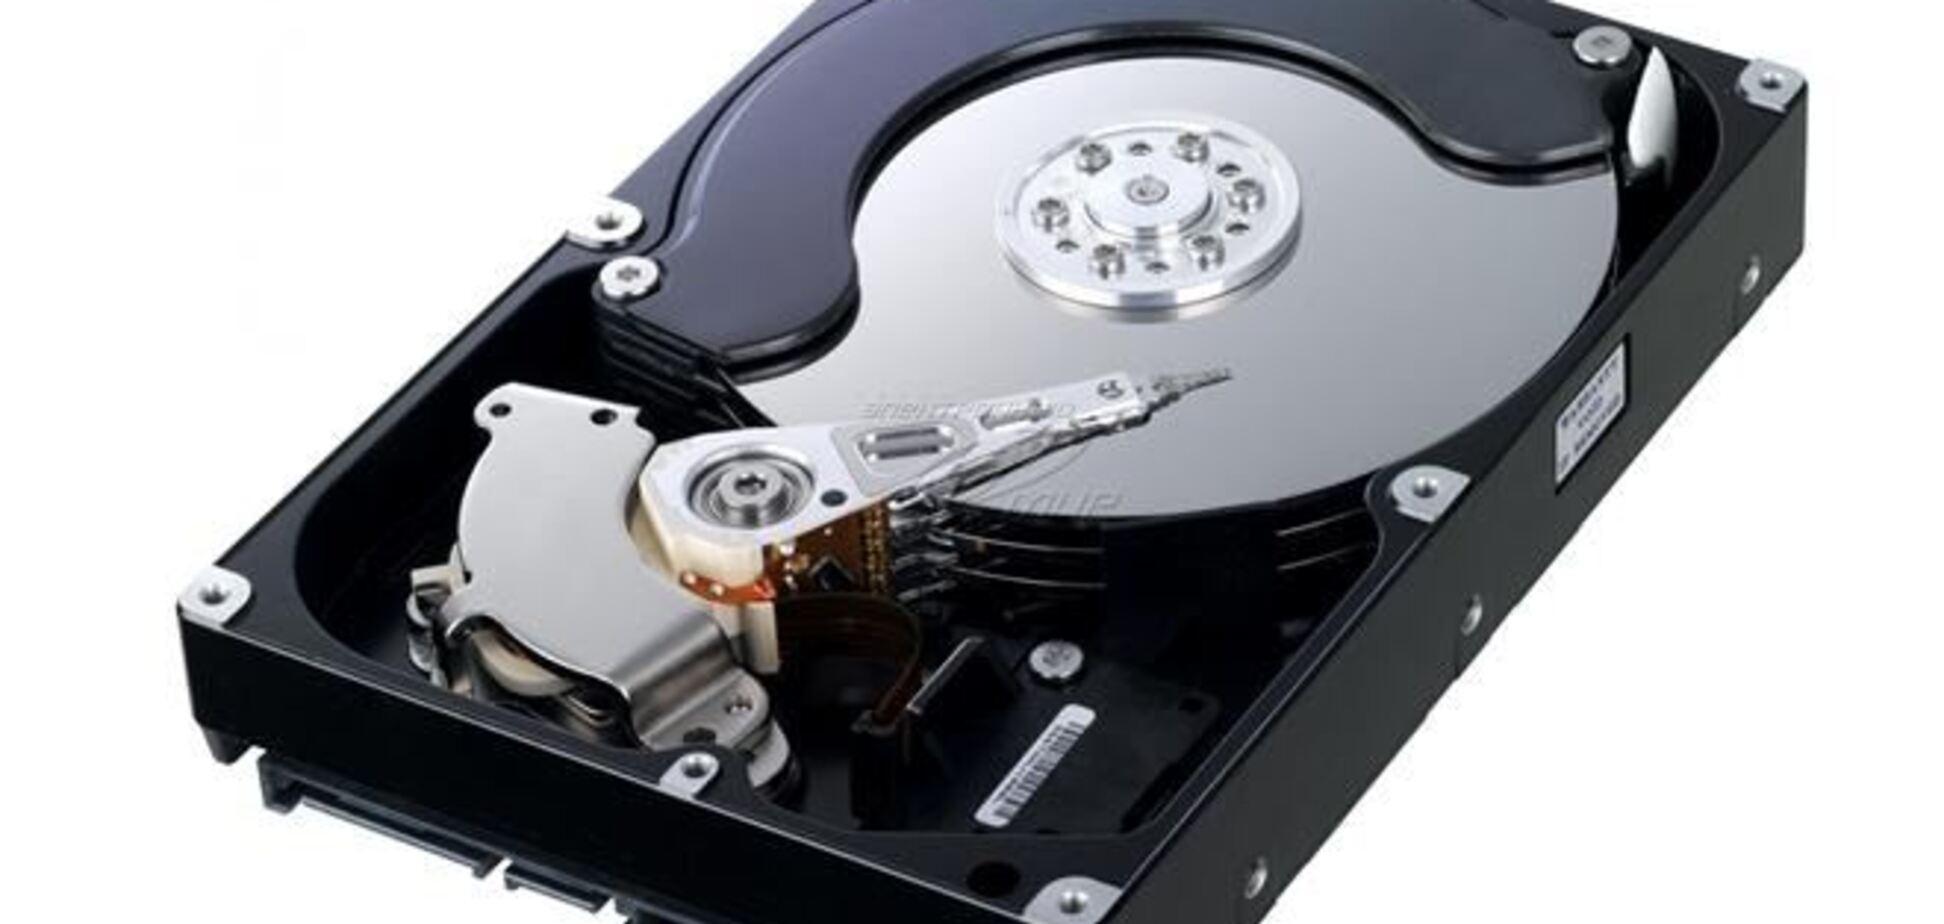 Британец выбросил жесткий диск с биткоинами на $7,5 млн